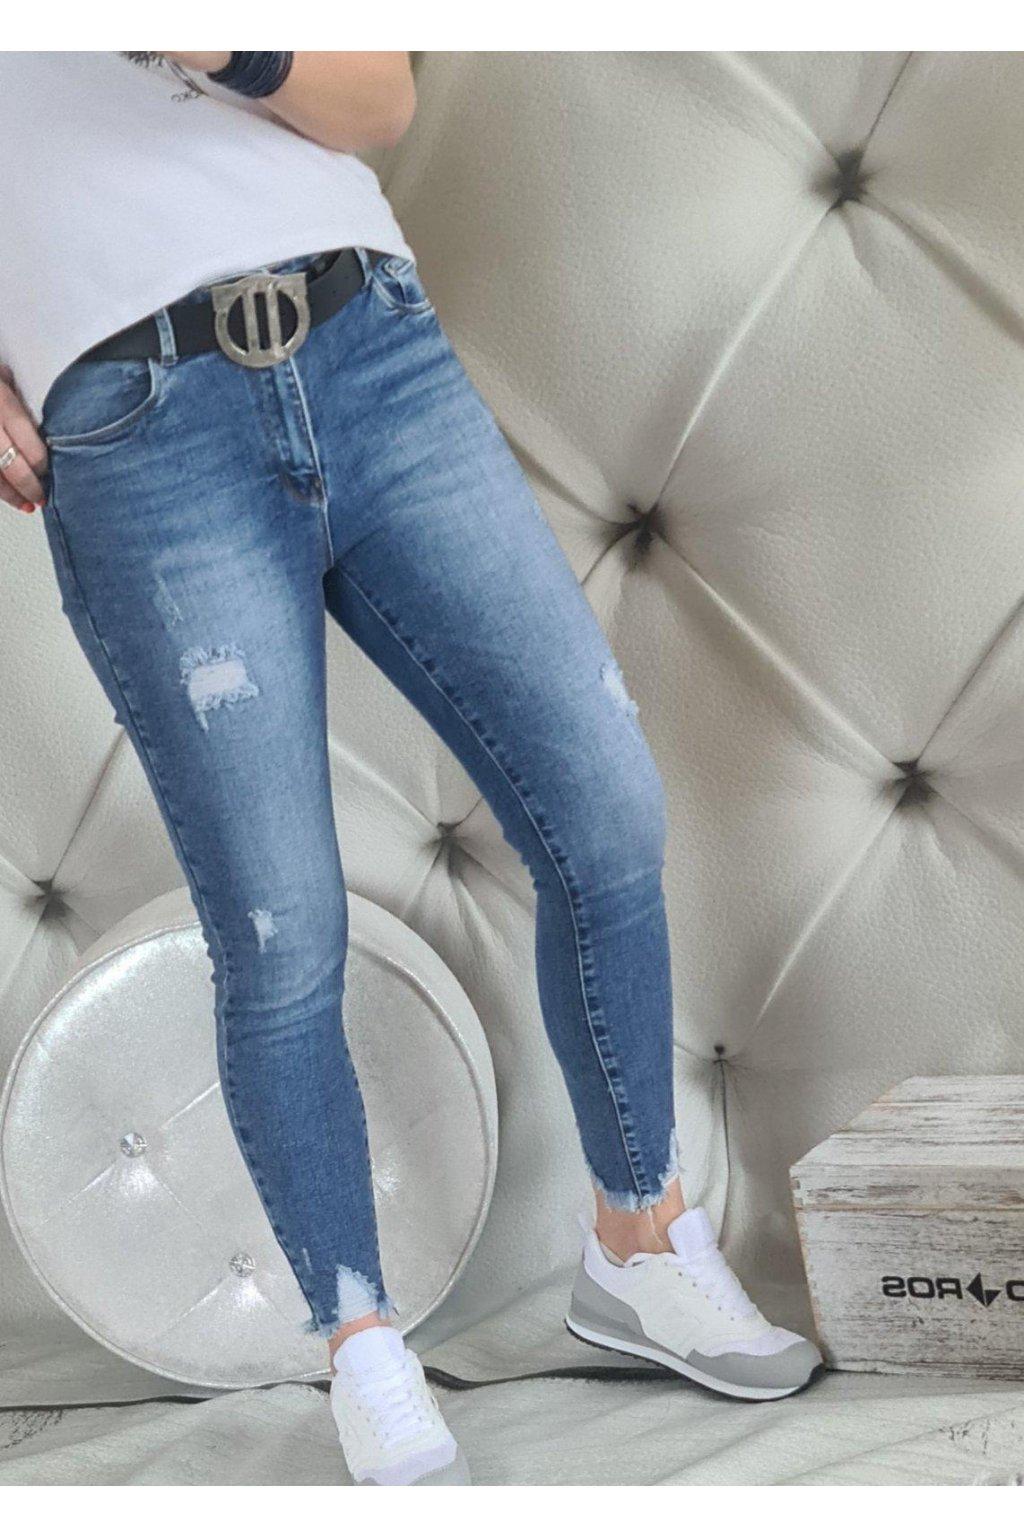 jeans modré elastic pohodlné must have